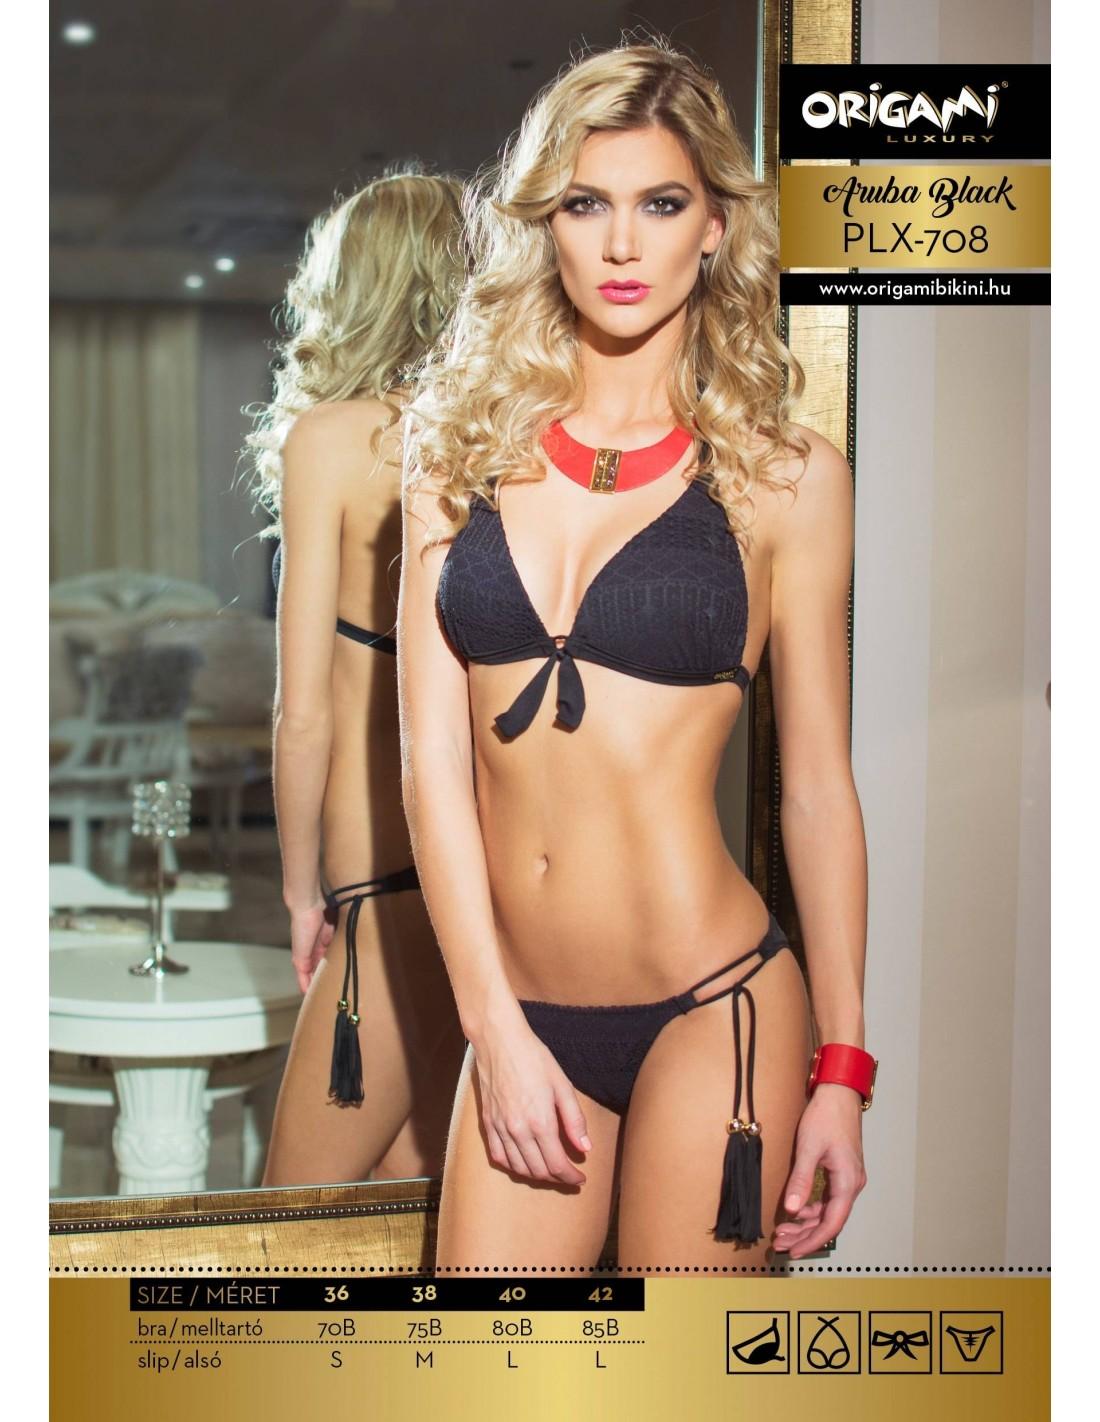 Origami Bikini Aruba Black Luxury PLX-708 Méret 80B   L   40 0848660d46